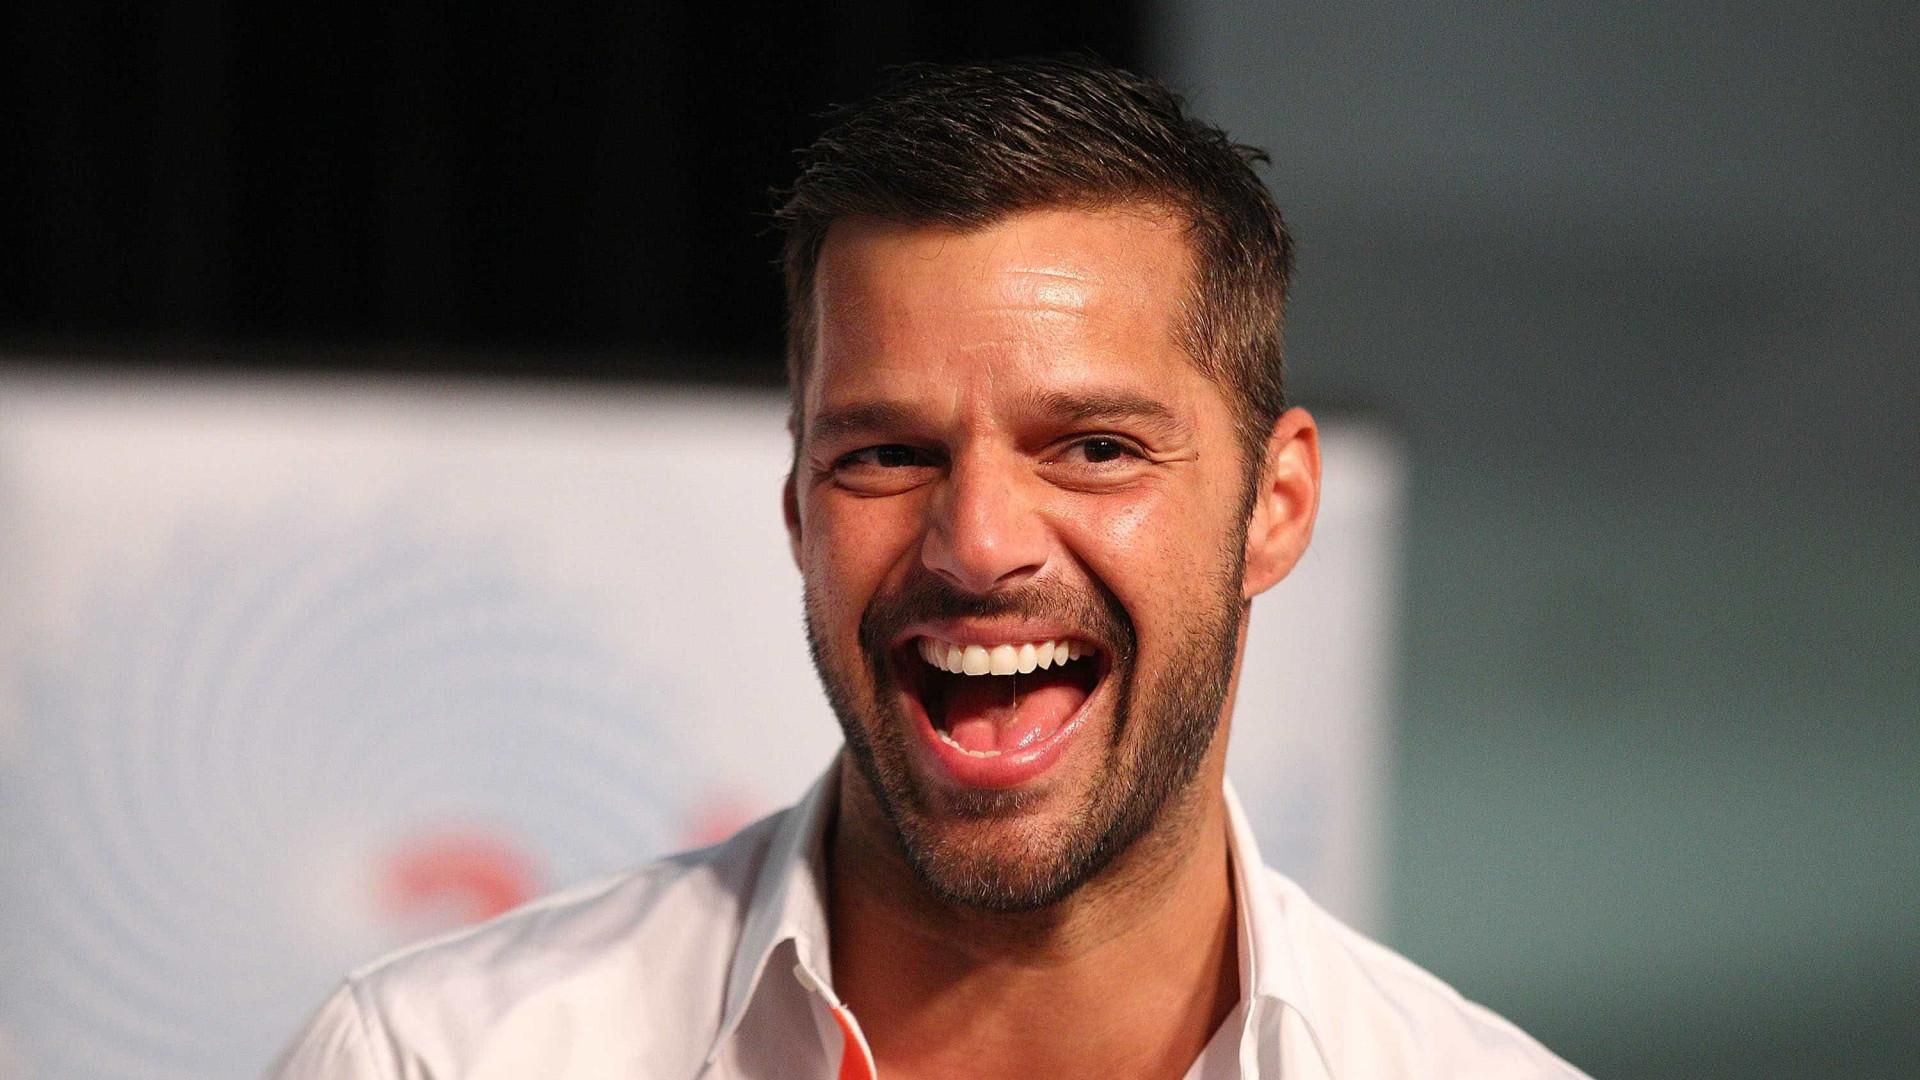 """Cena de Ricky Martin em série foi """"ridícula"""", diz ex-namorado de Versace"""